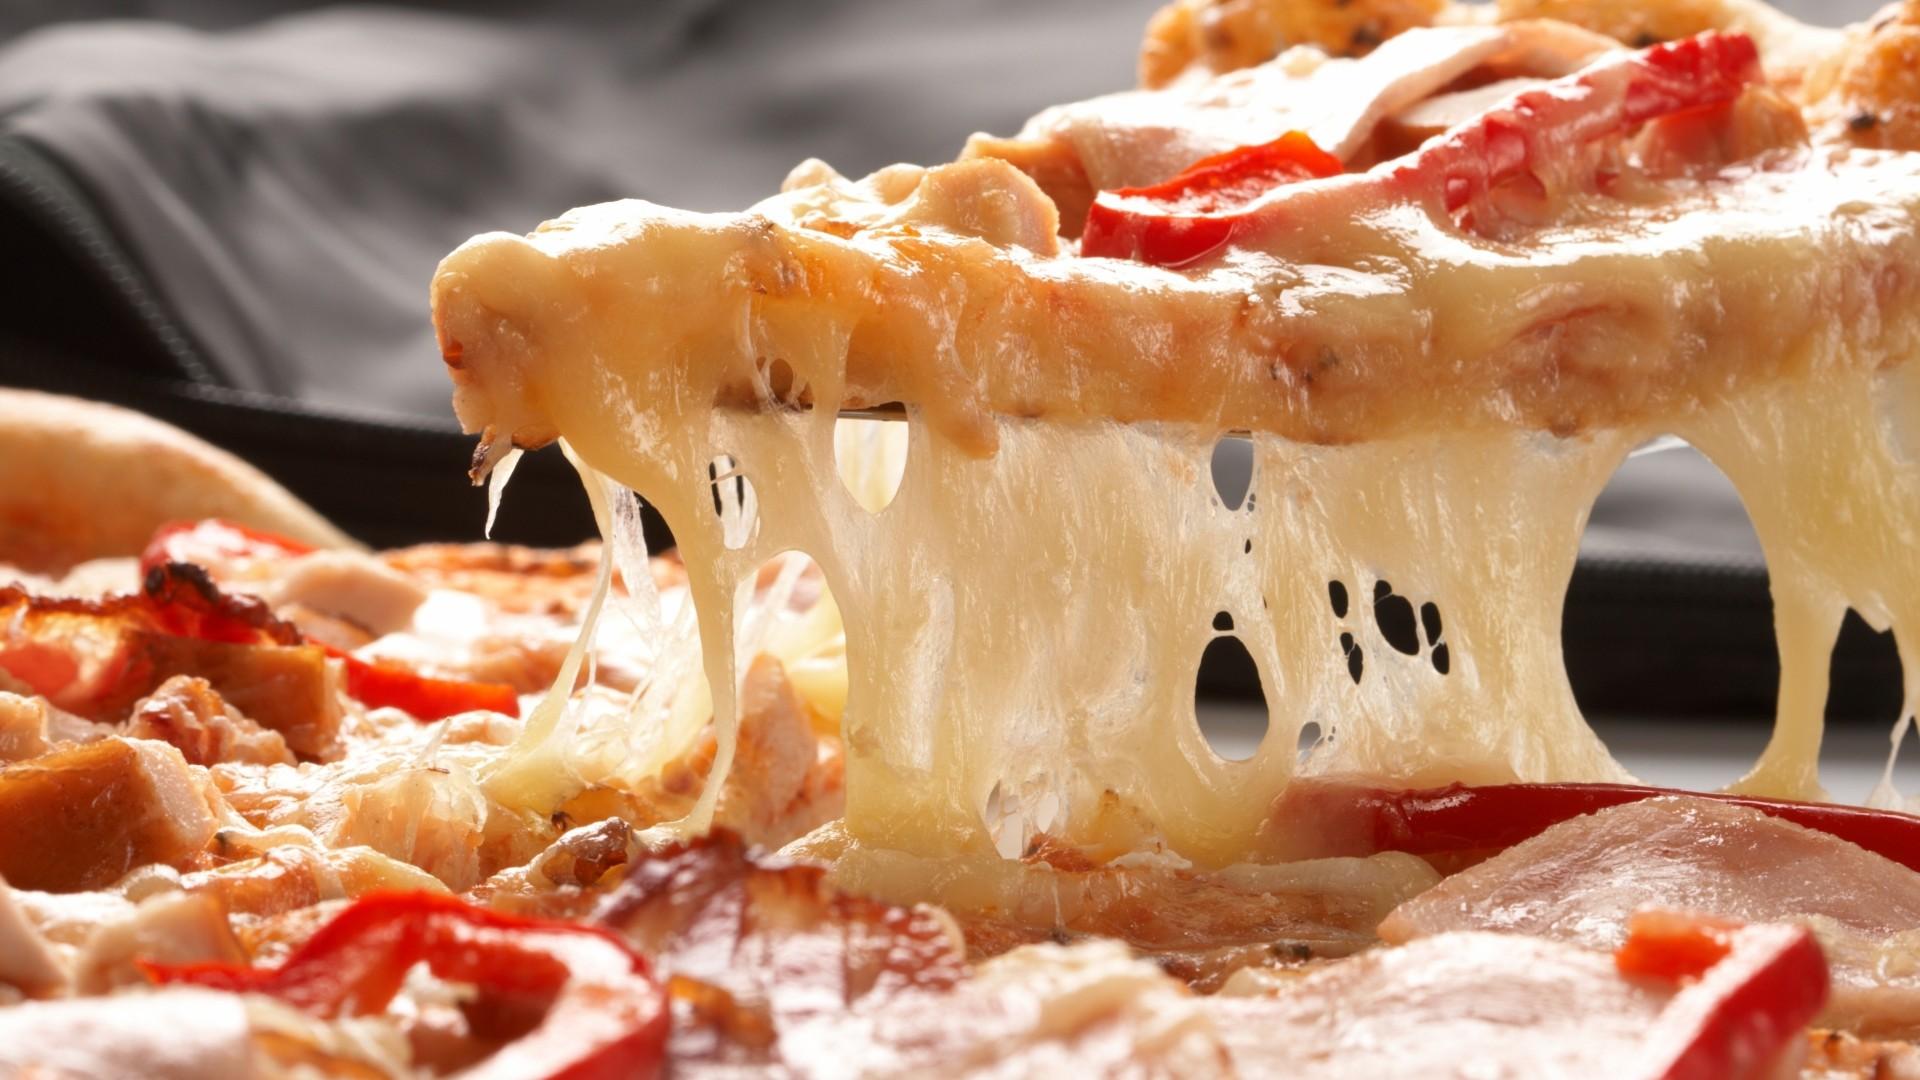 FoodPorn: el porno de comida y su éxito en redes sociales